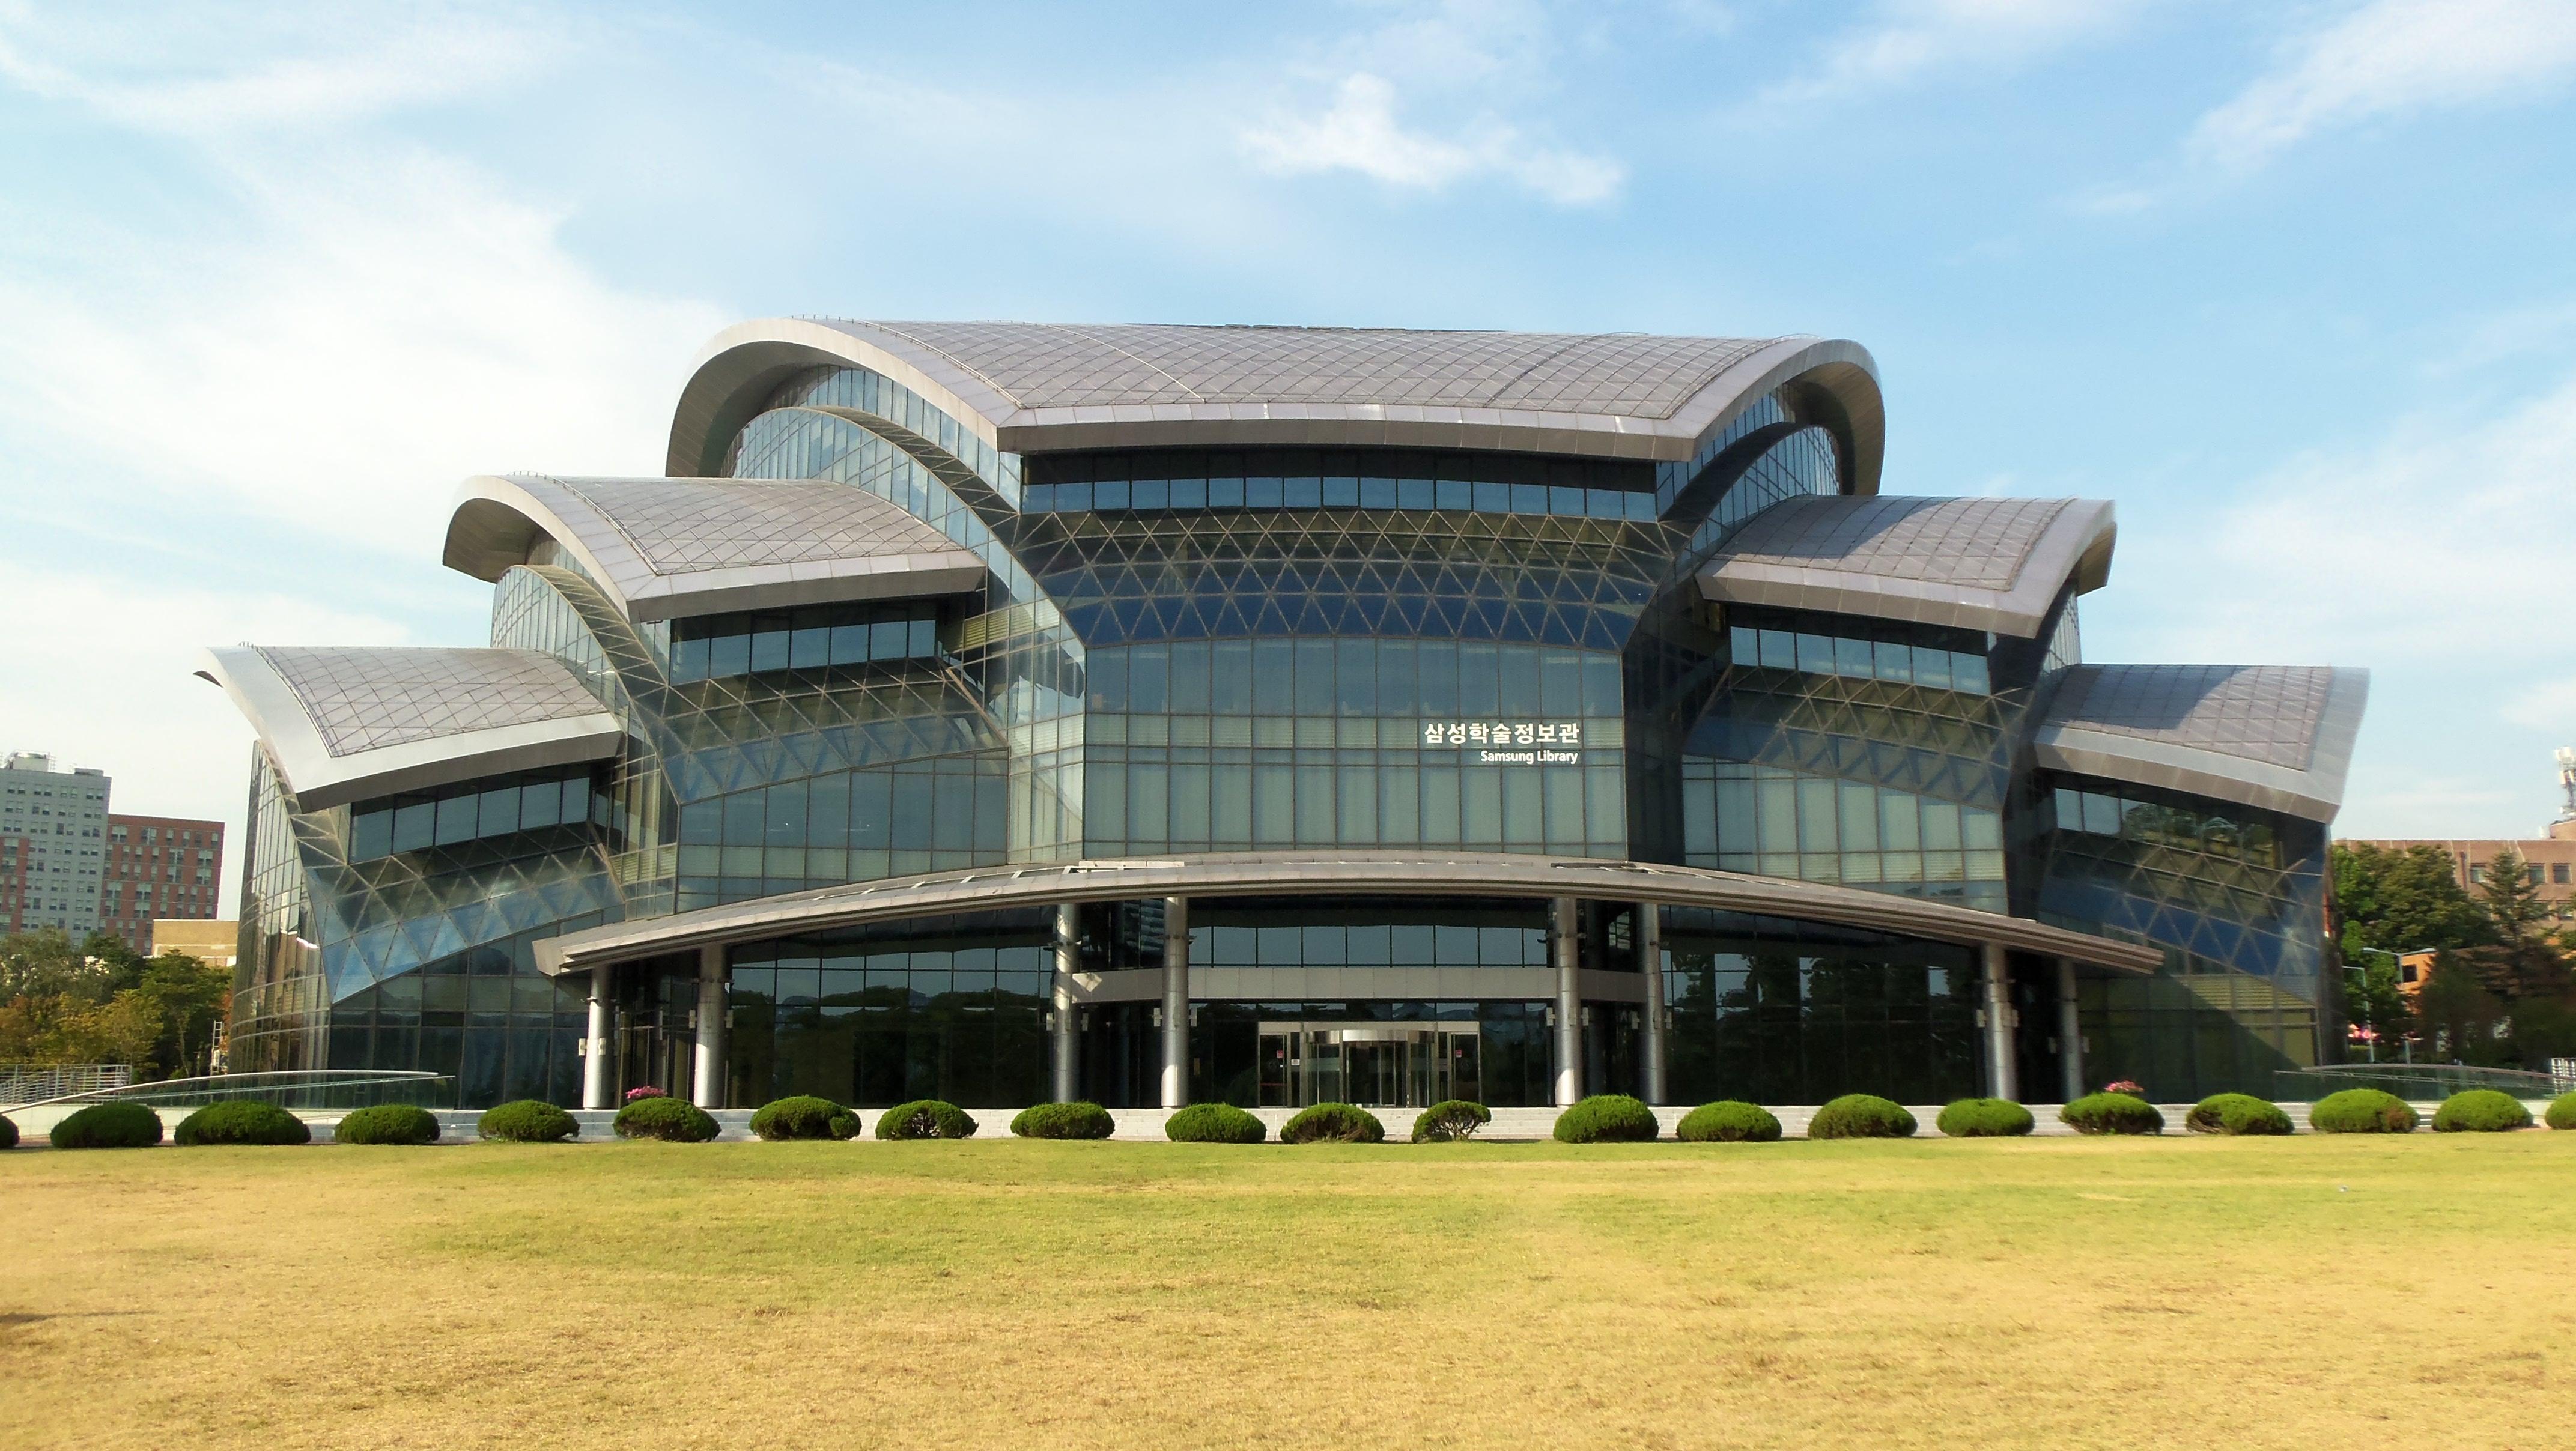 sekolah kedokteran terbaik di Korea - Sungkyunkwan university